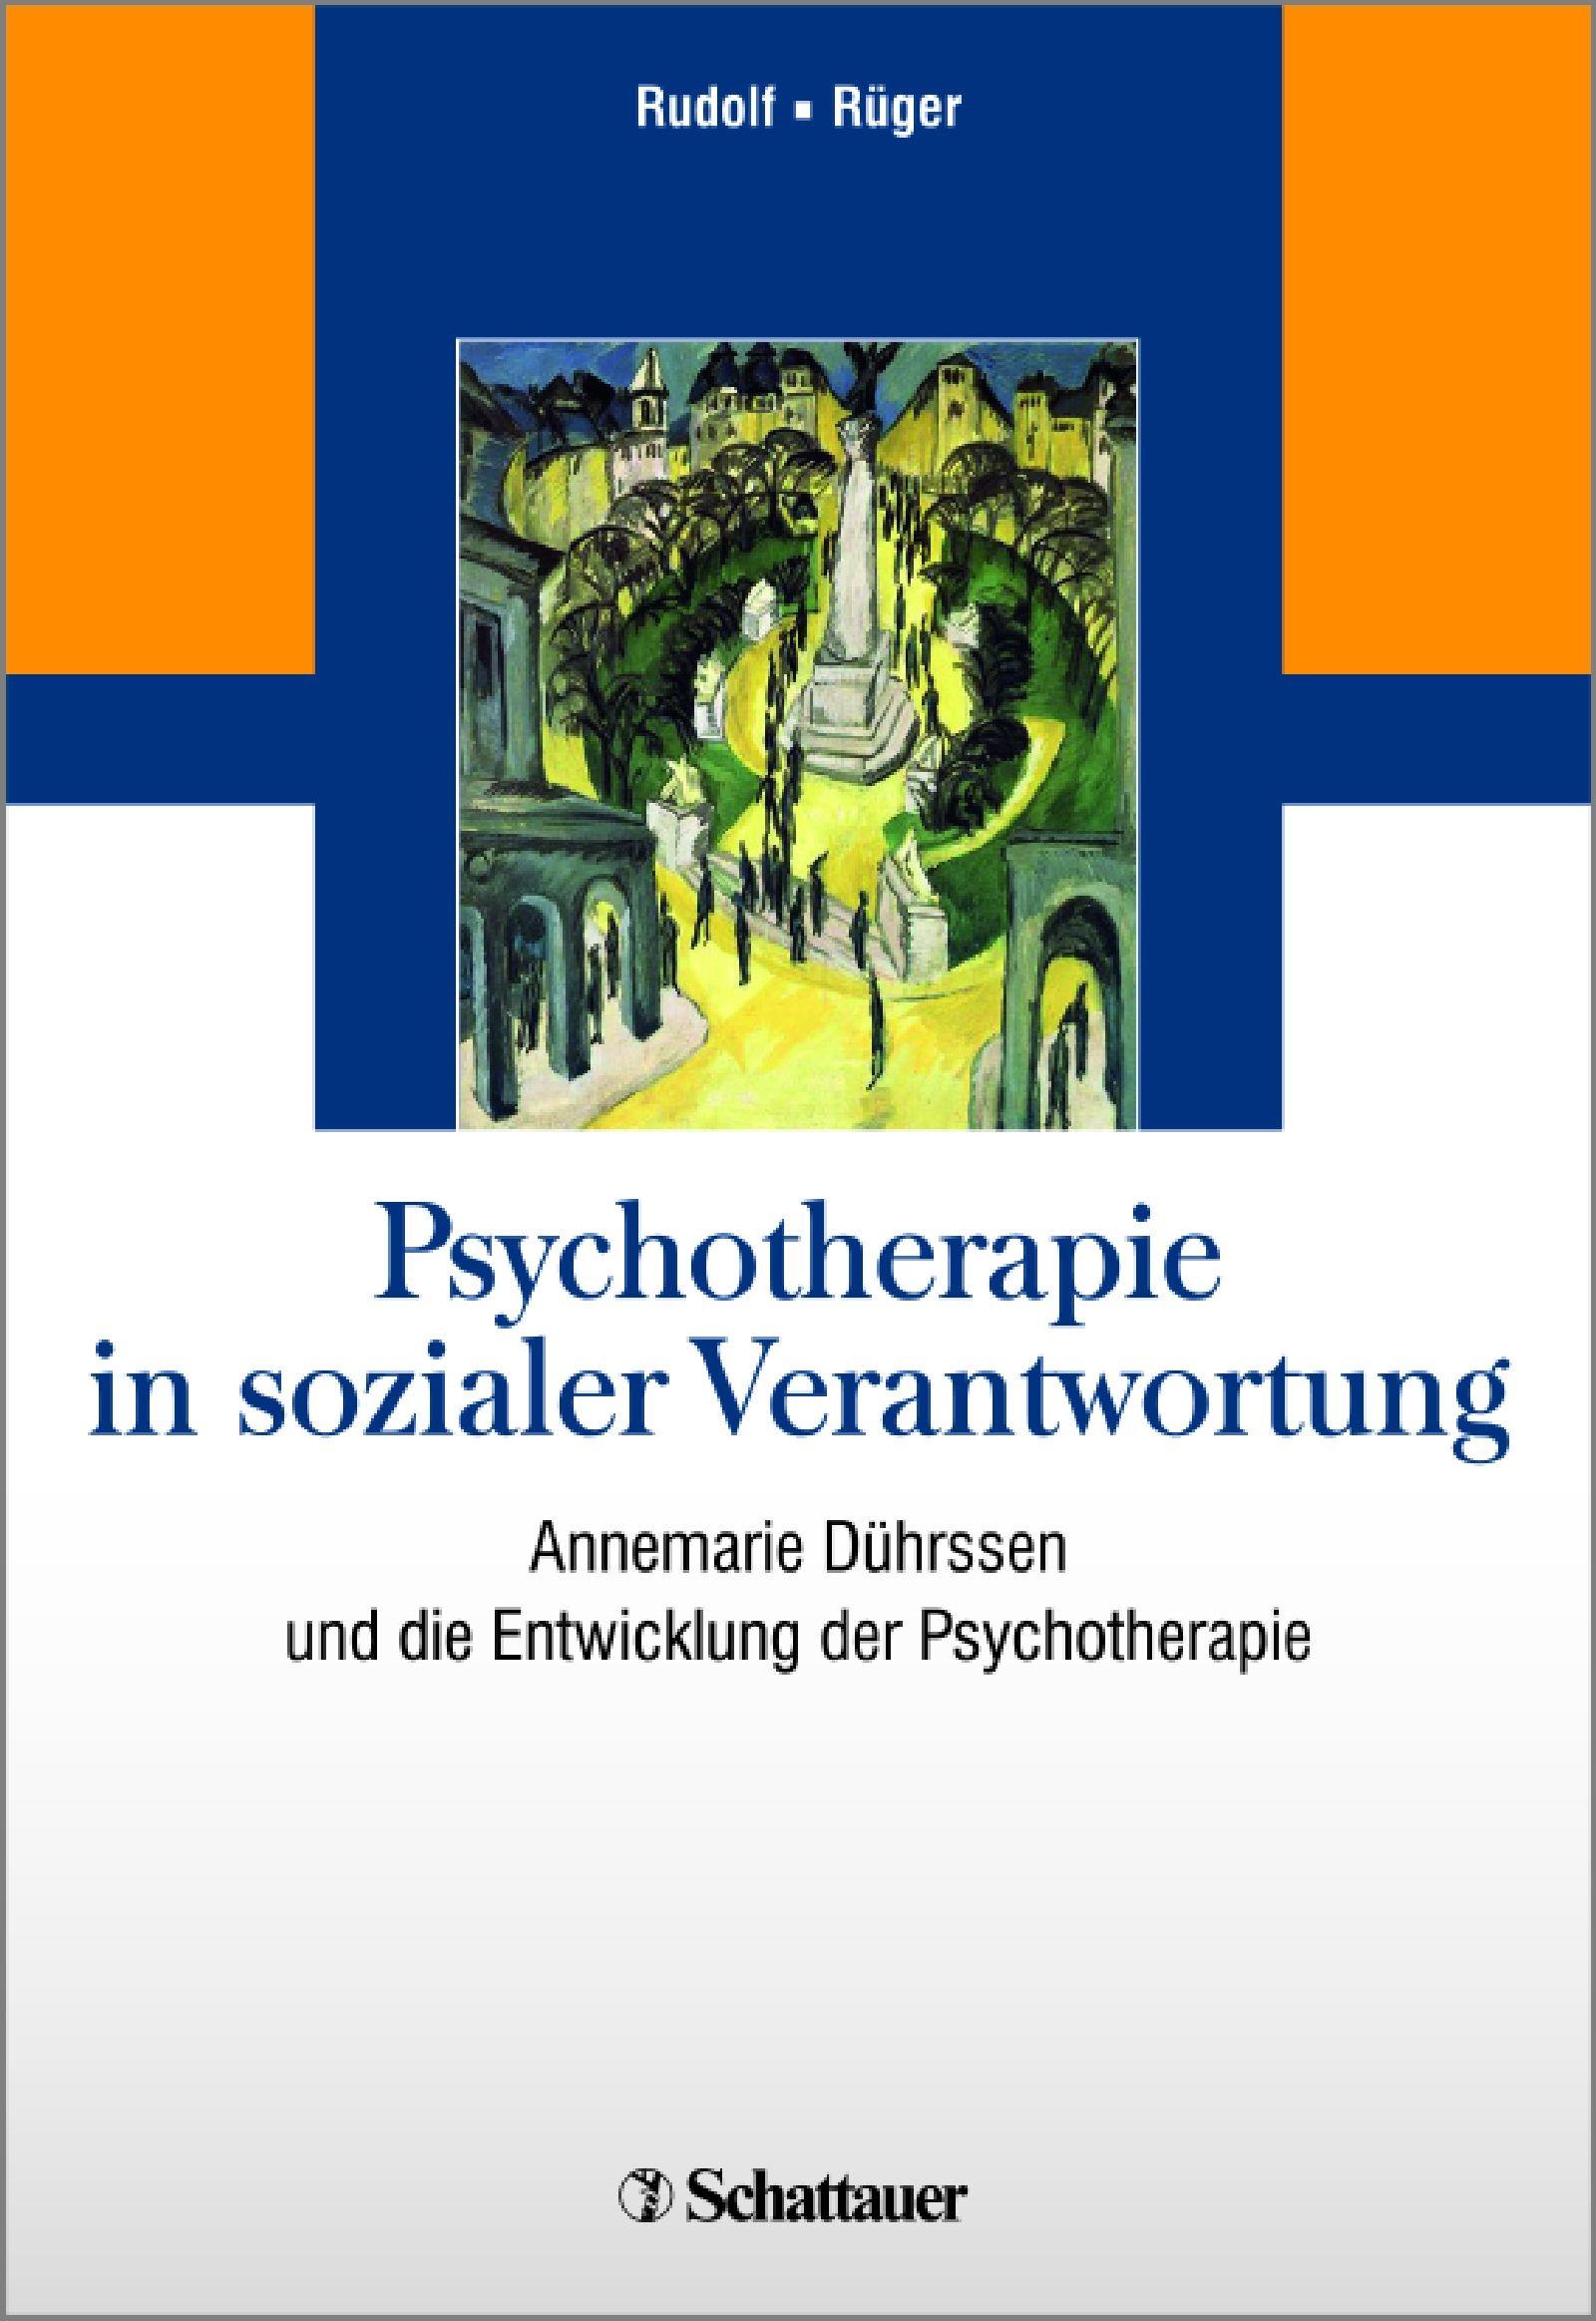 Abbildung von Rudolf / Rüger | Psychotherapie in sozialer Verantwortung | 1. | 2016